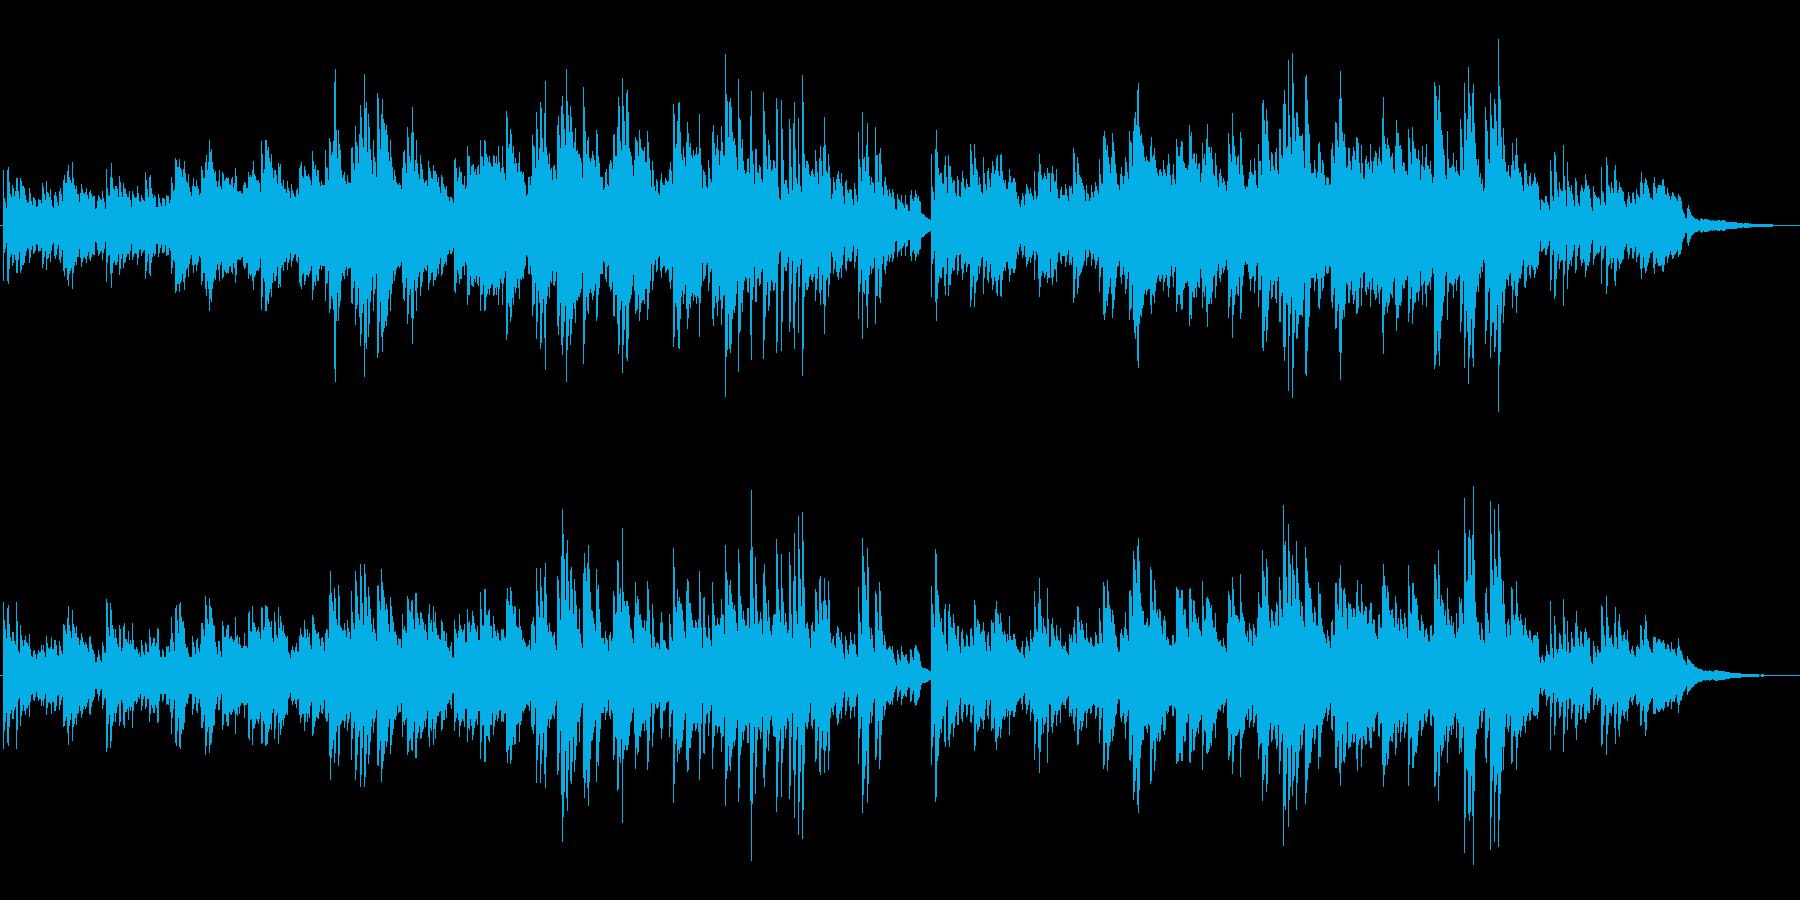 少し切ないピアノソロ曲の再生済みの波形